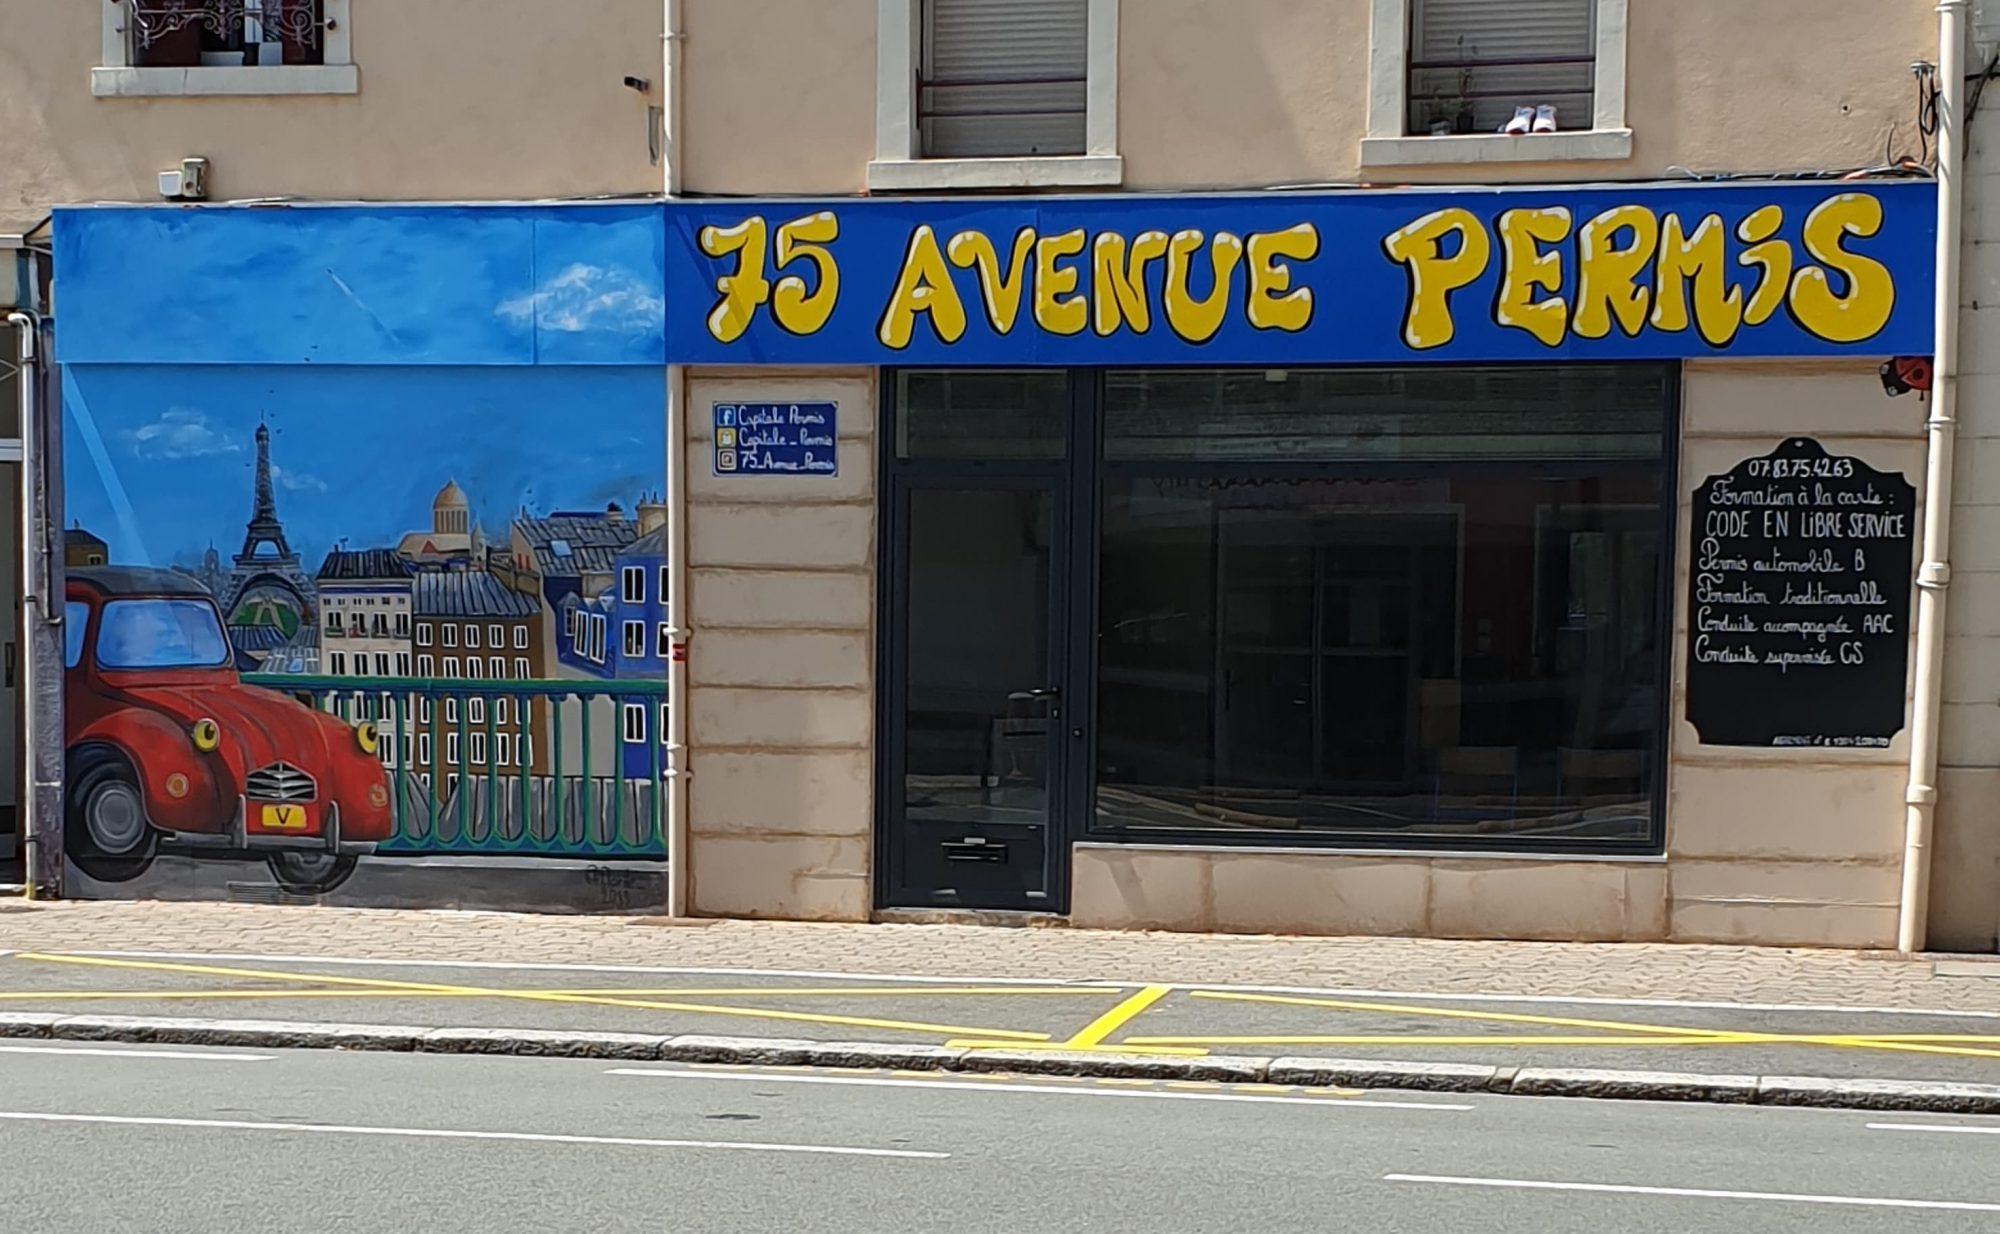 75 avenue permis